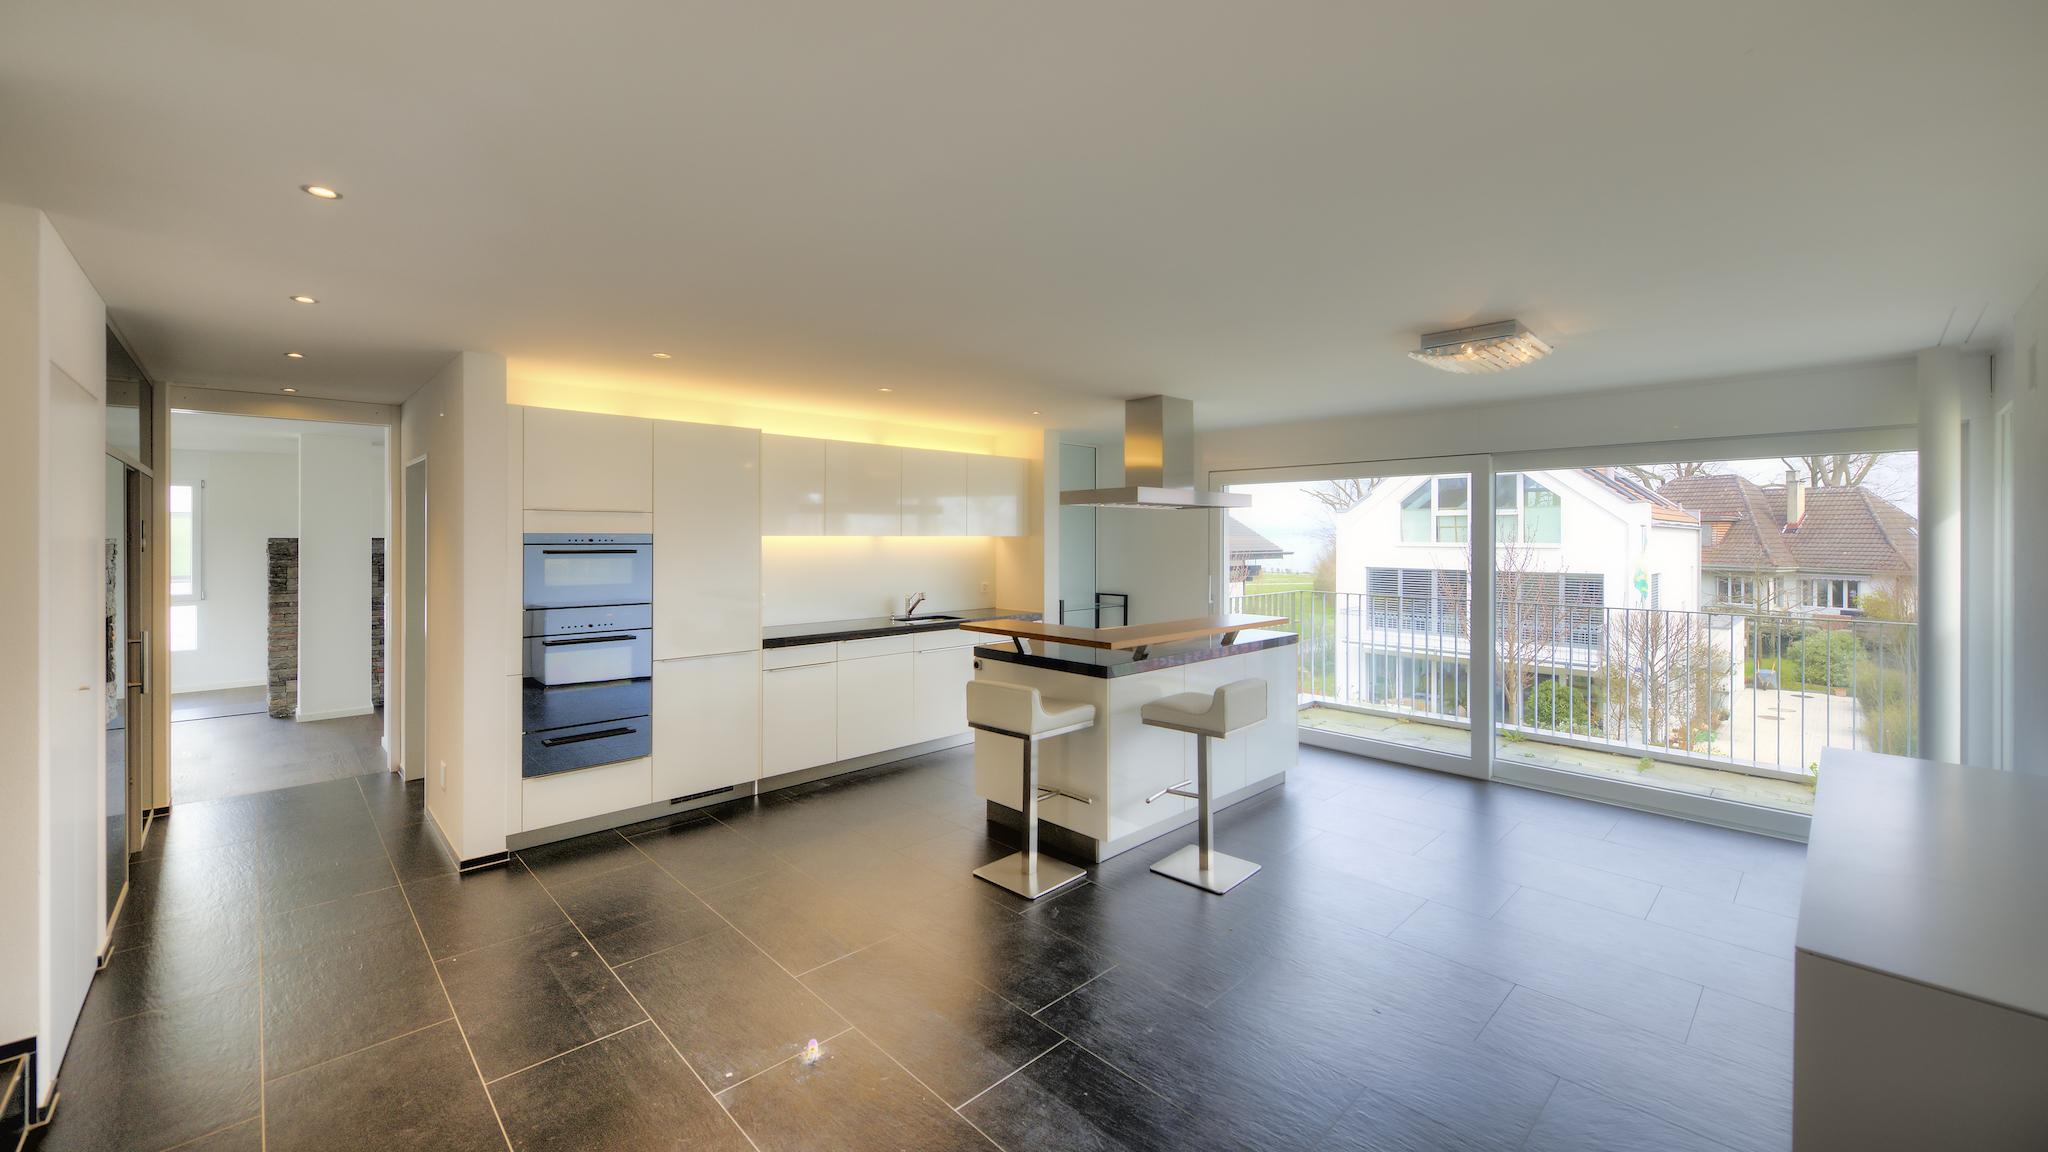 Blick in die Wohnung mit der Küche und dem Essbereich